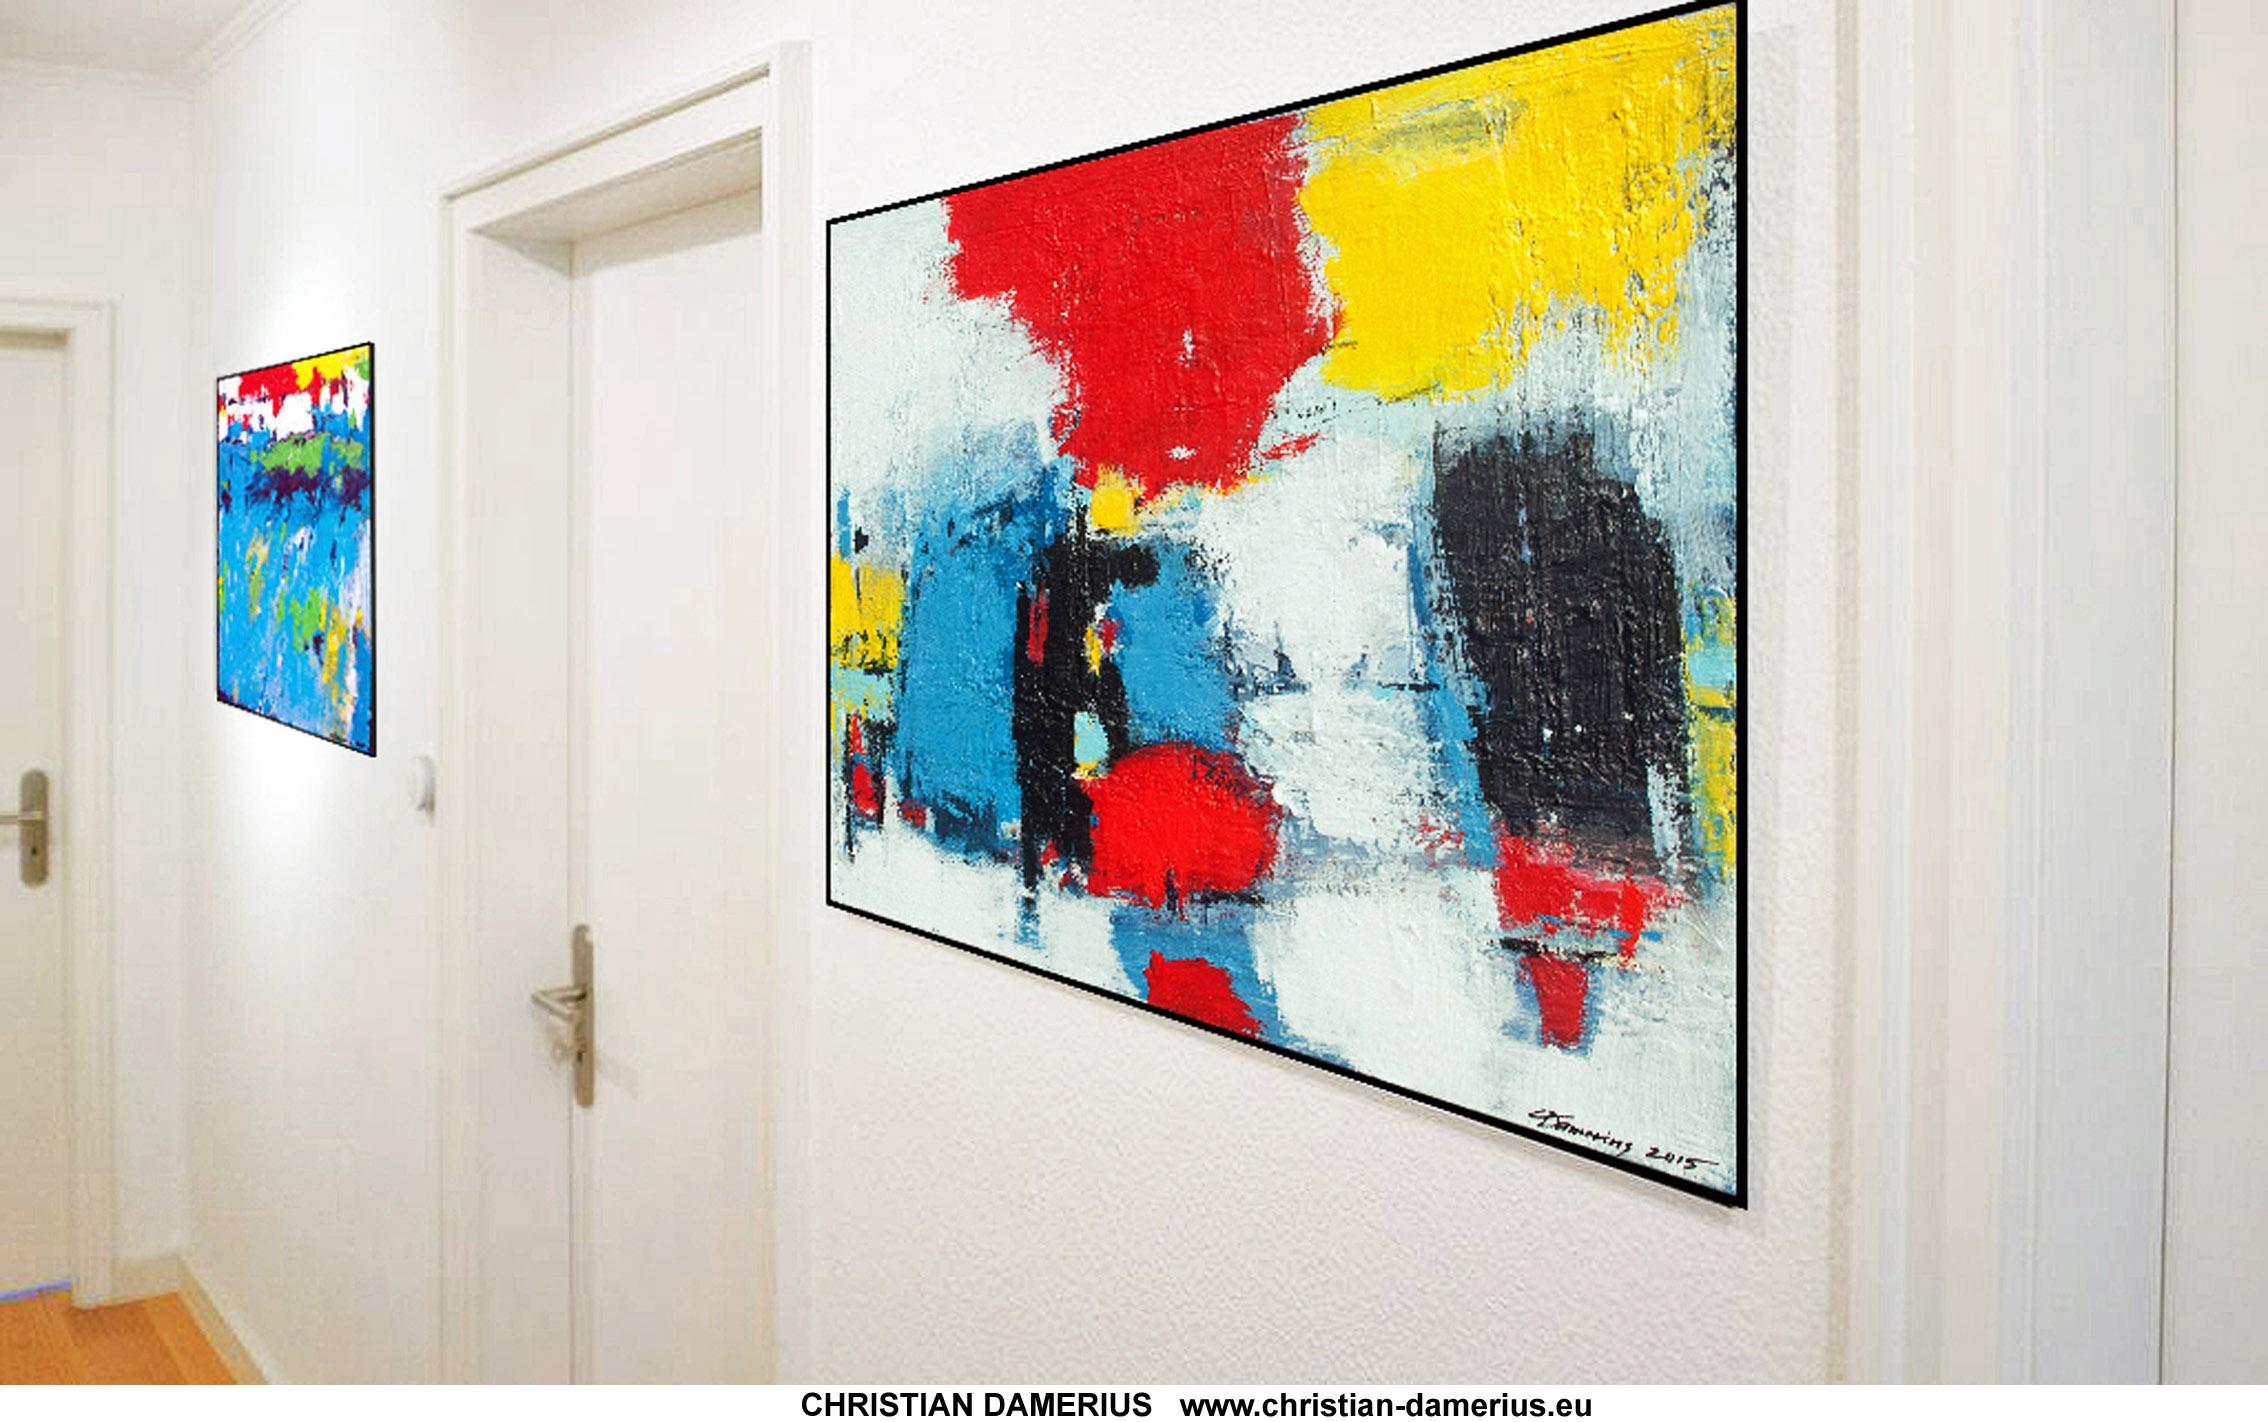 die weisse mauer,die rote wolke,kunstdrucke und gemälde kaufen,abstrakte malerei,moderne landschaftsmalerei,CHRISTIAN DAMERIUS,AUFTRAGSBILDER, MALEREI, BÜROS, BÜRORÄUME, SCHÖNER WOHNEN,WER MALT MODERNE BILDER, KUNSTDRUCKE HAMBURG, moderne kunst bilder leinwand,RAUMGESTALTUNG,BILDER,KUNST,  MODERNE RAUMGESTALTUNG, MODERNE ACRYLBILDER